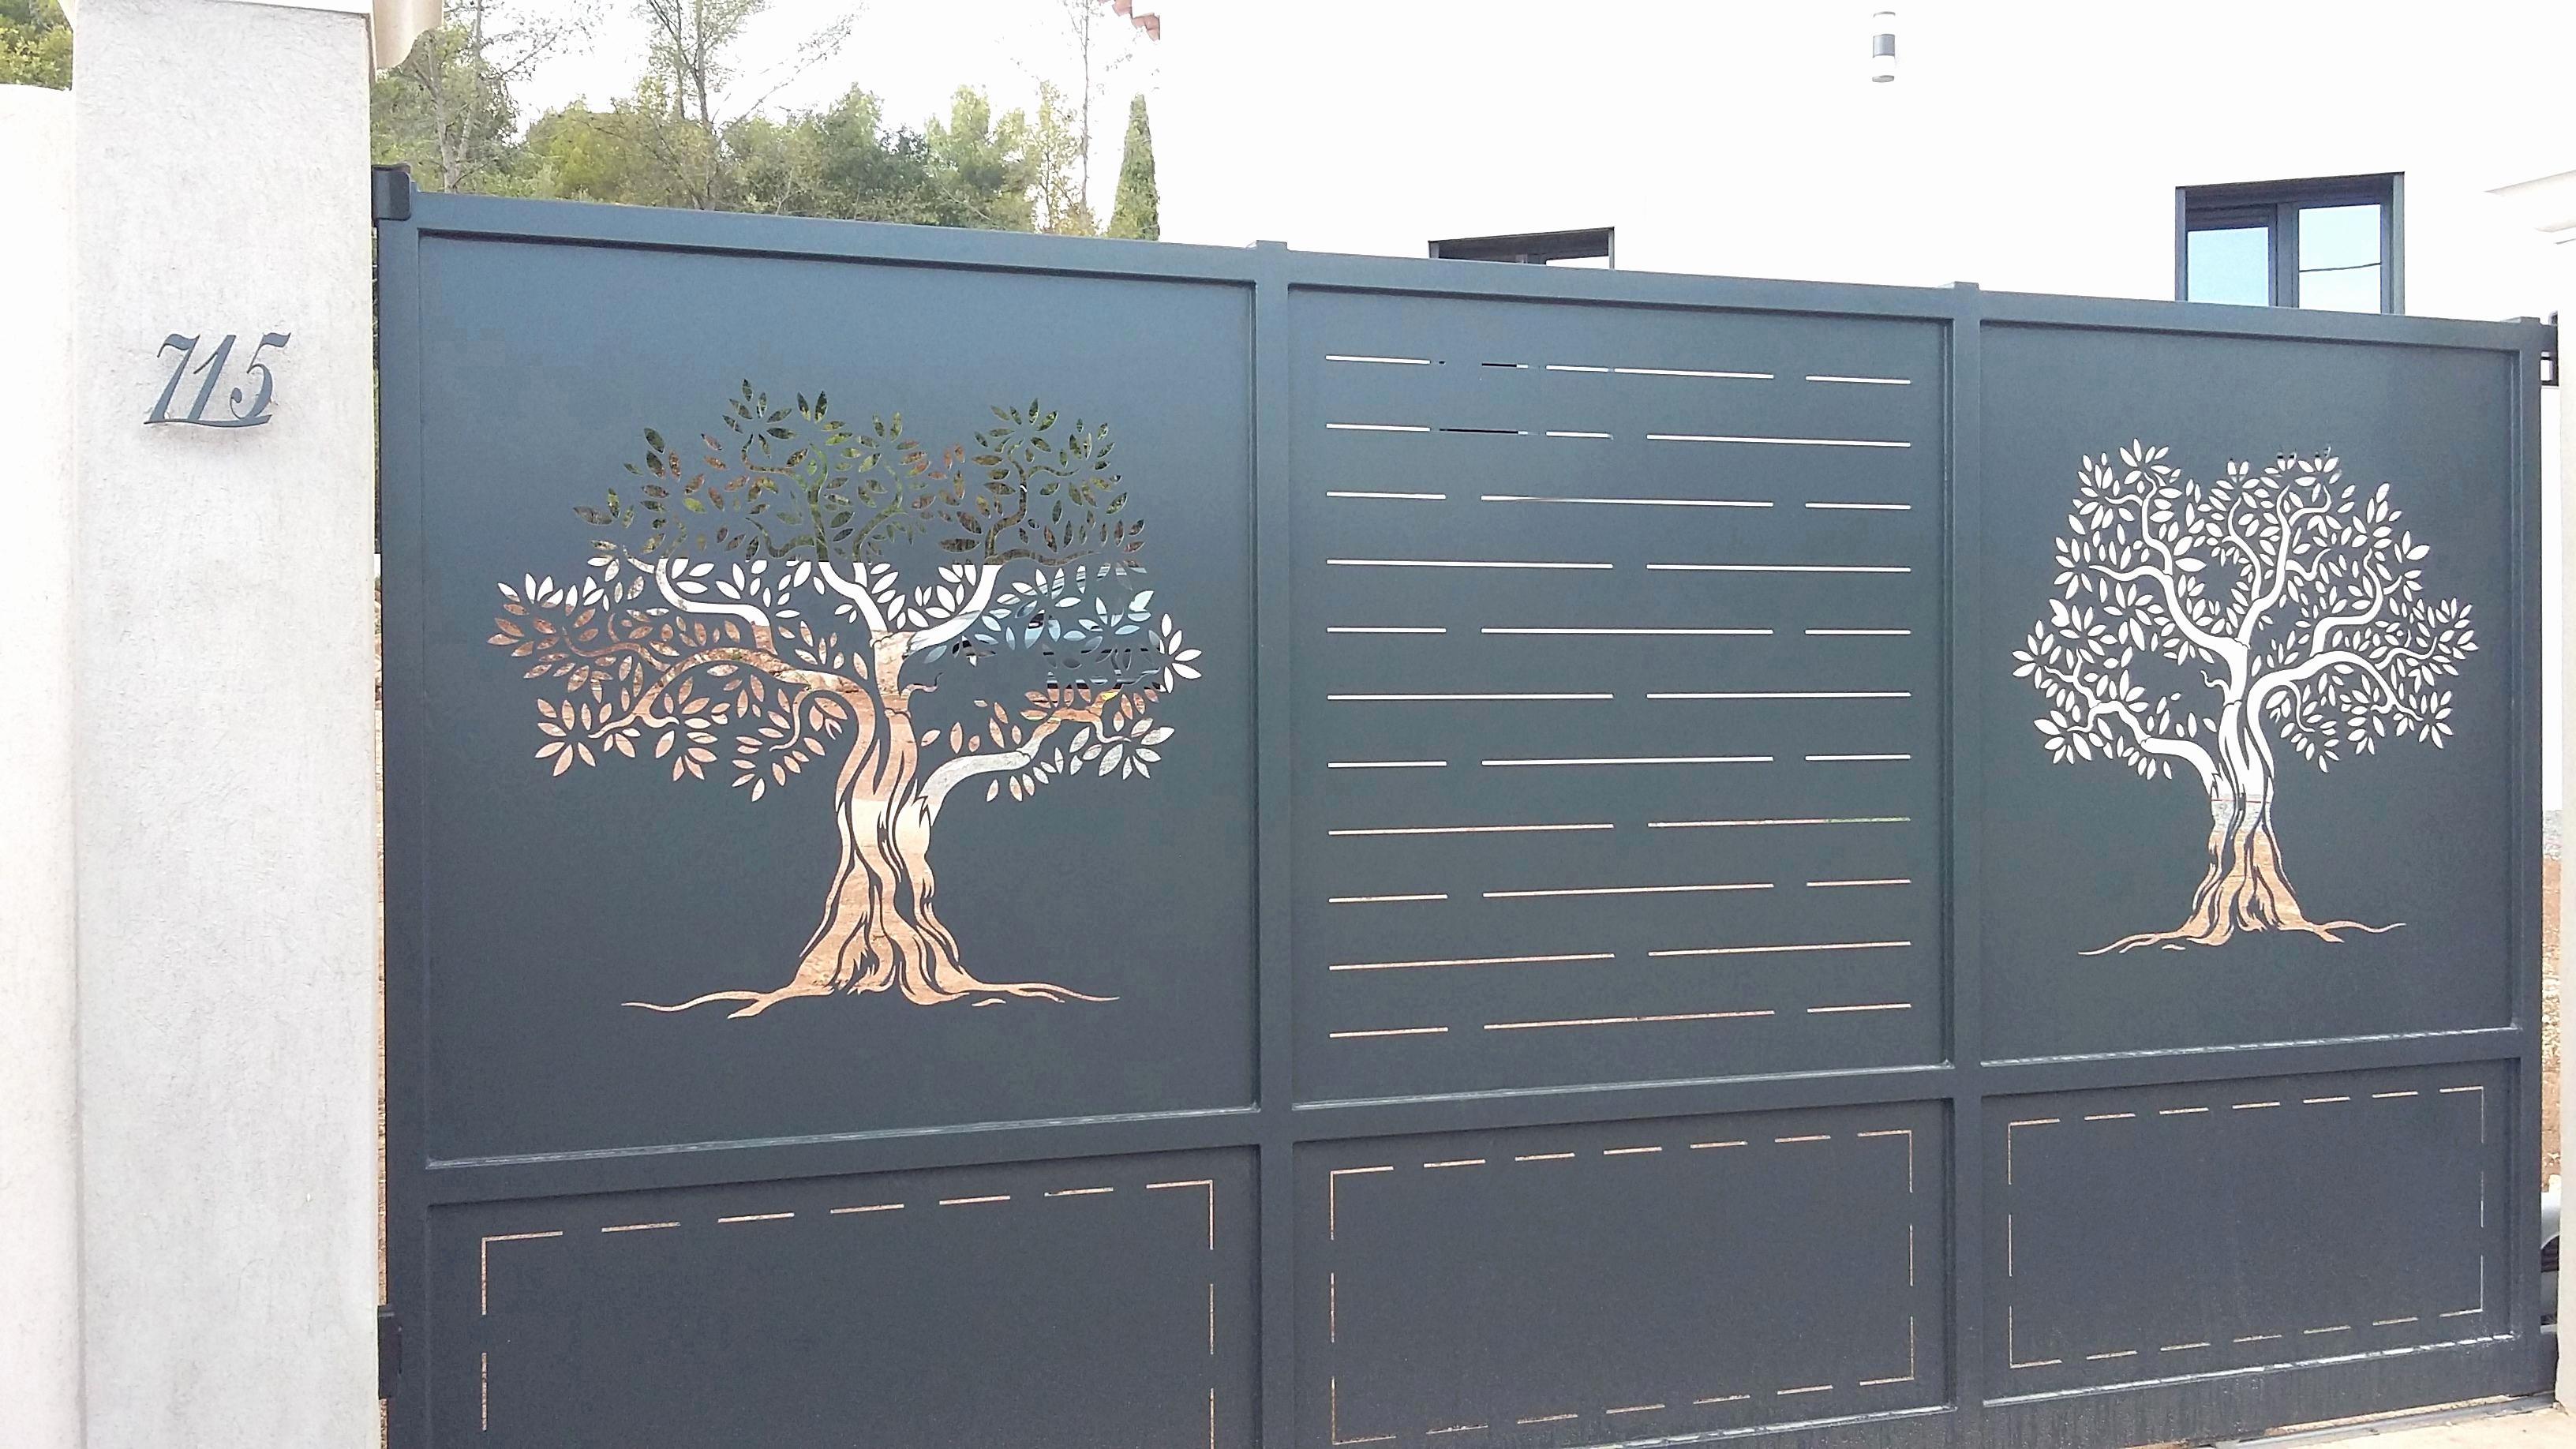 Cloture Jardin Pas Cher Brico Depot Impressionnant Photos Faire Une Cloture Pas Cher Inspirant Abris De Jardin Brico Depot